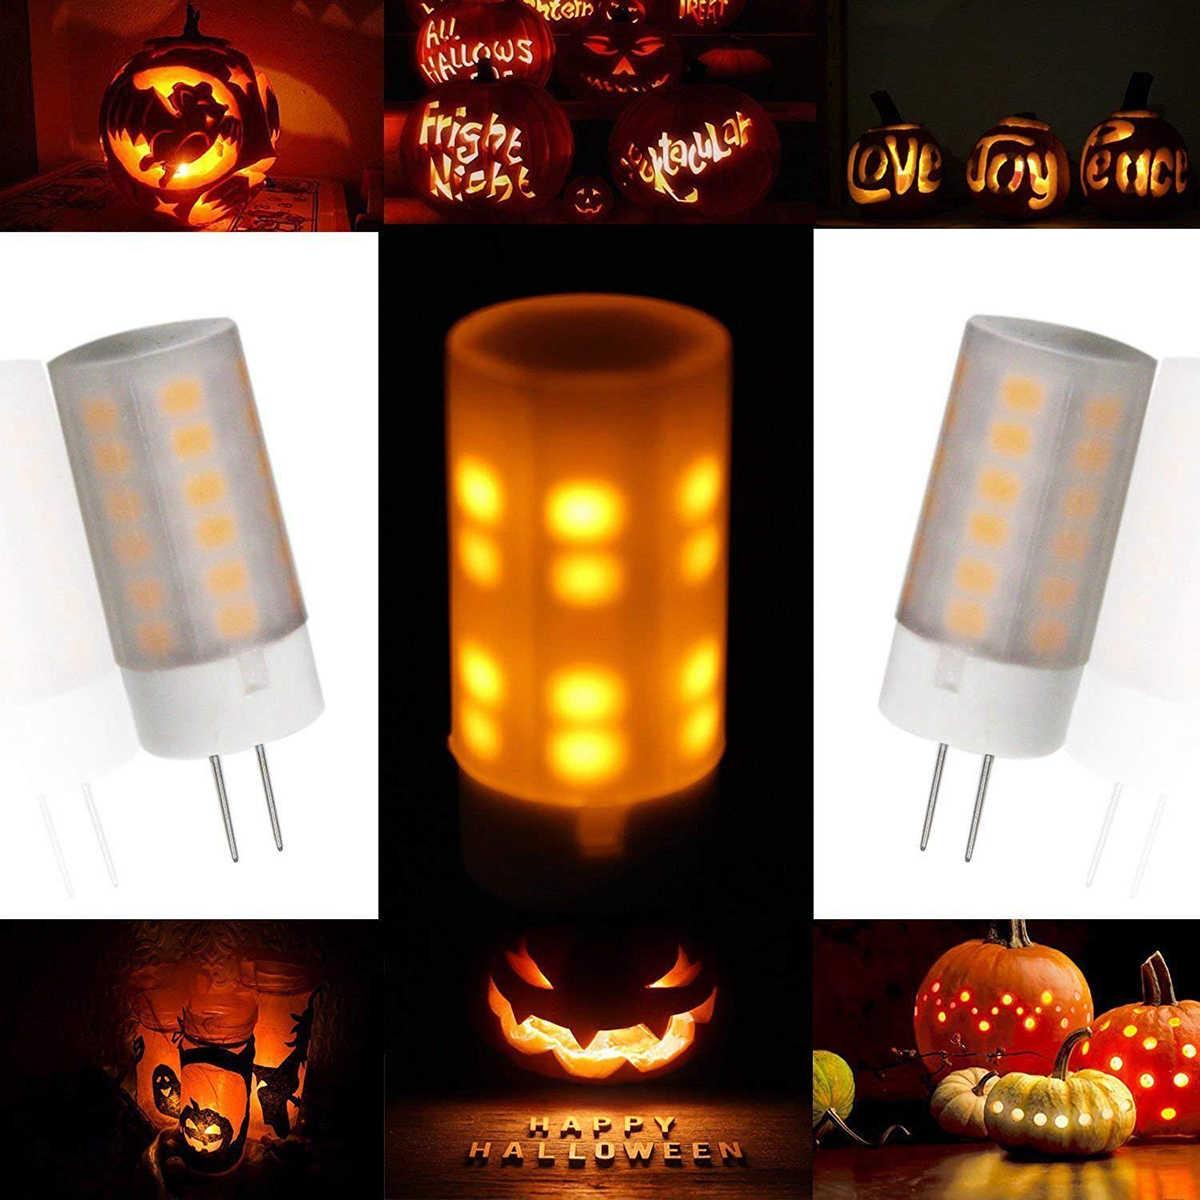 2Pcs 3W 230 Lm G4 LED Lampu 36 LED SMD 2835 Api Efek Hangat Putih DC 12V Putih Hangat untuk Kamar Tidur Ruang Tamu Kantor